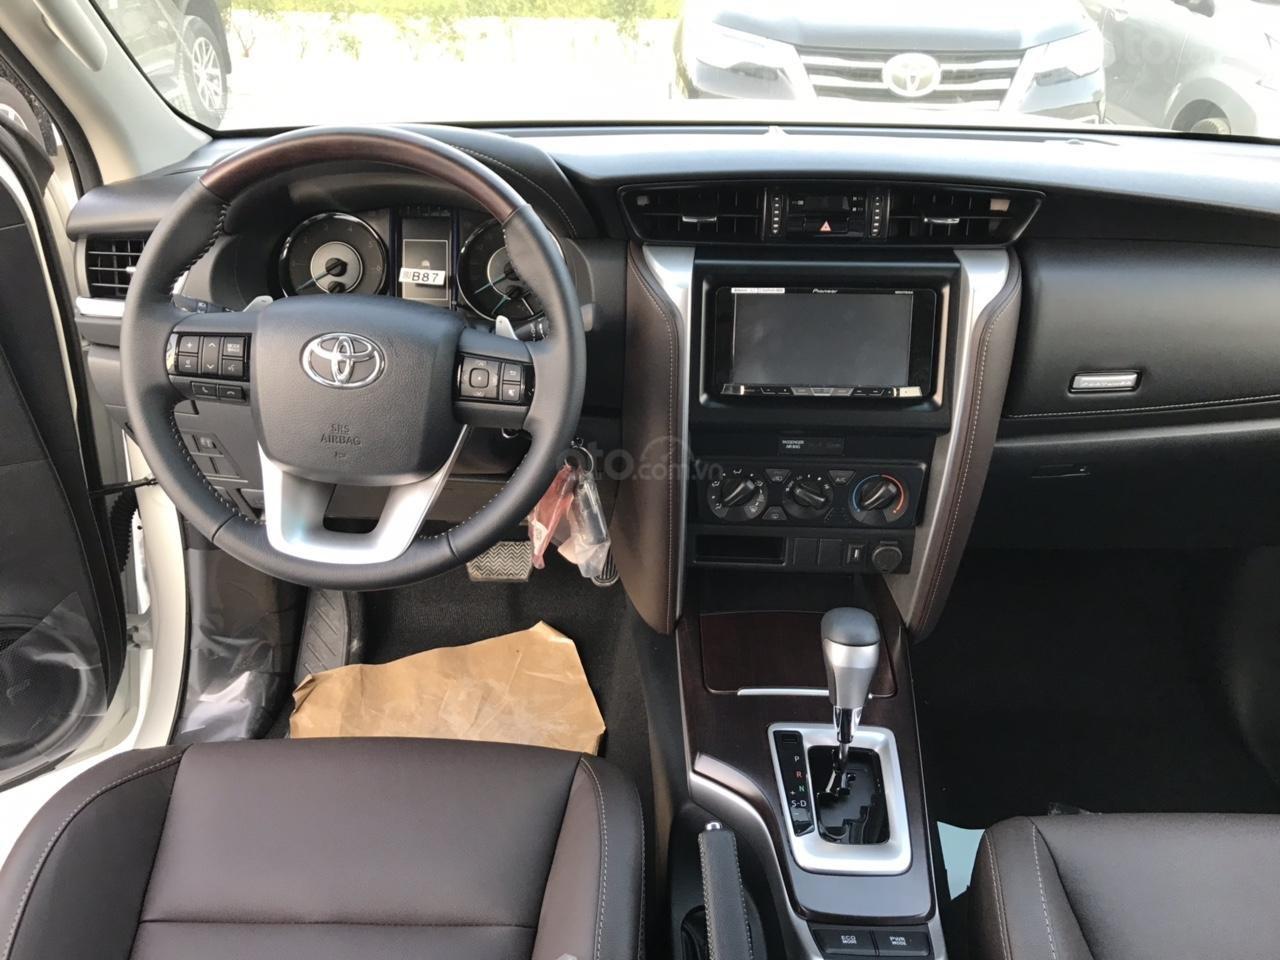 Toyota Fortuner 2.4 G số tự động 1 cầu 2020 tặng thuế TB, tặng BHVC + phụ kiện cao cấp, trả góp từ 300tr - LH 0942456838 (4)